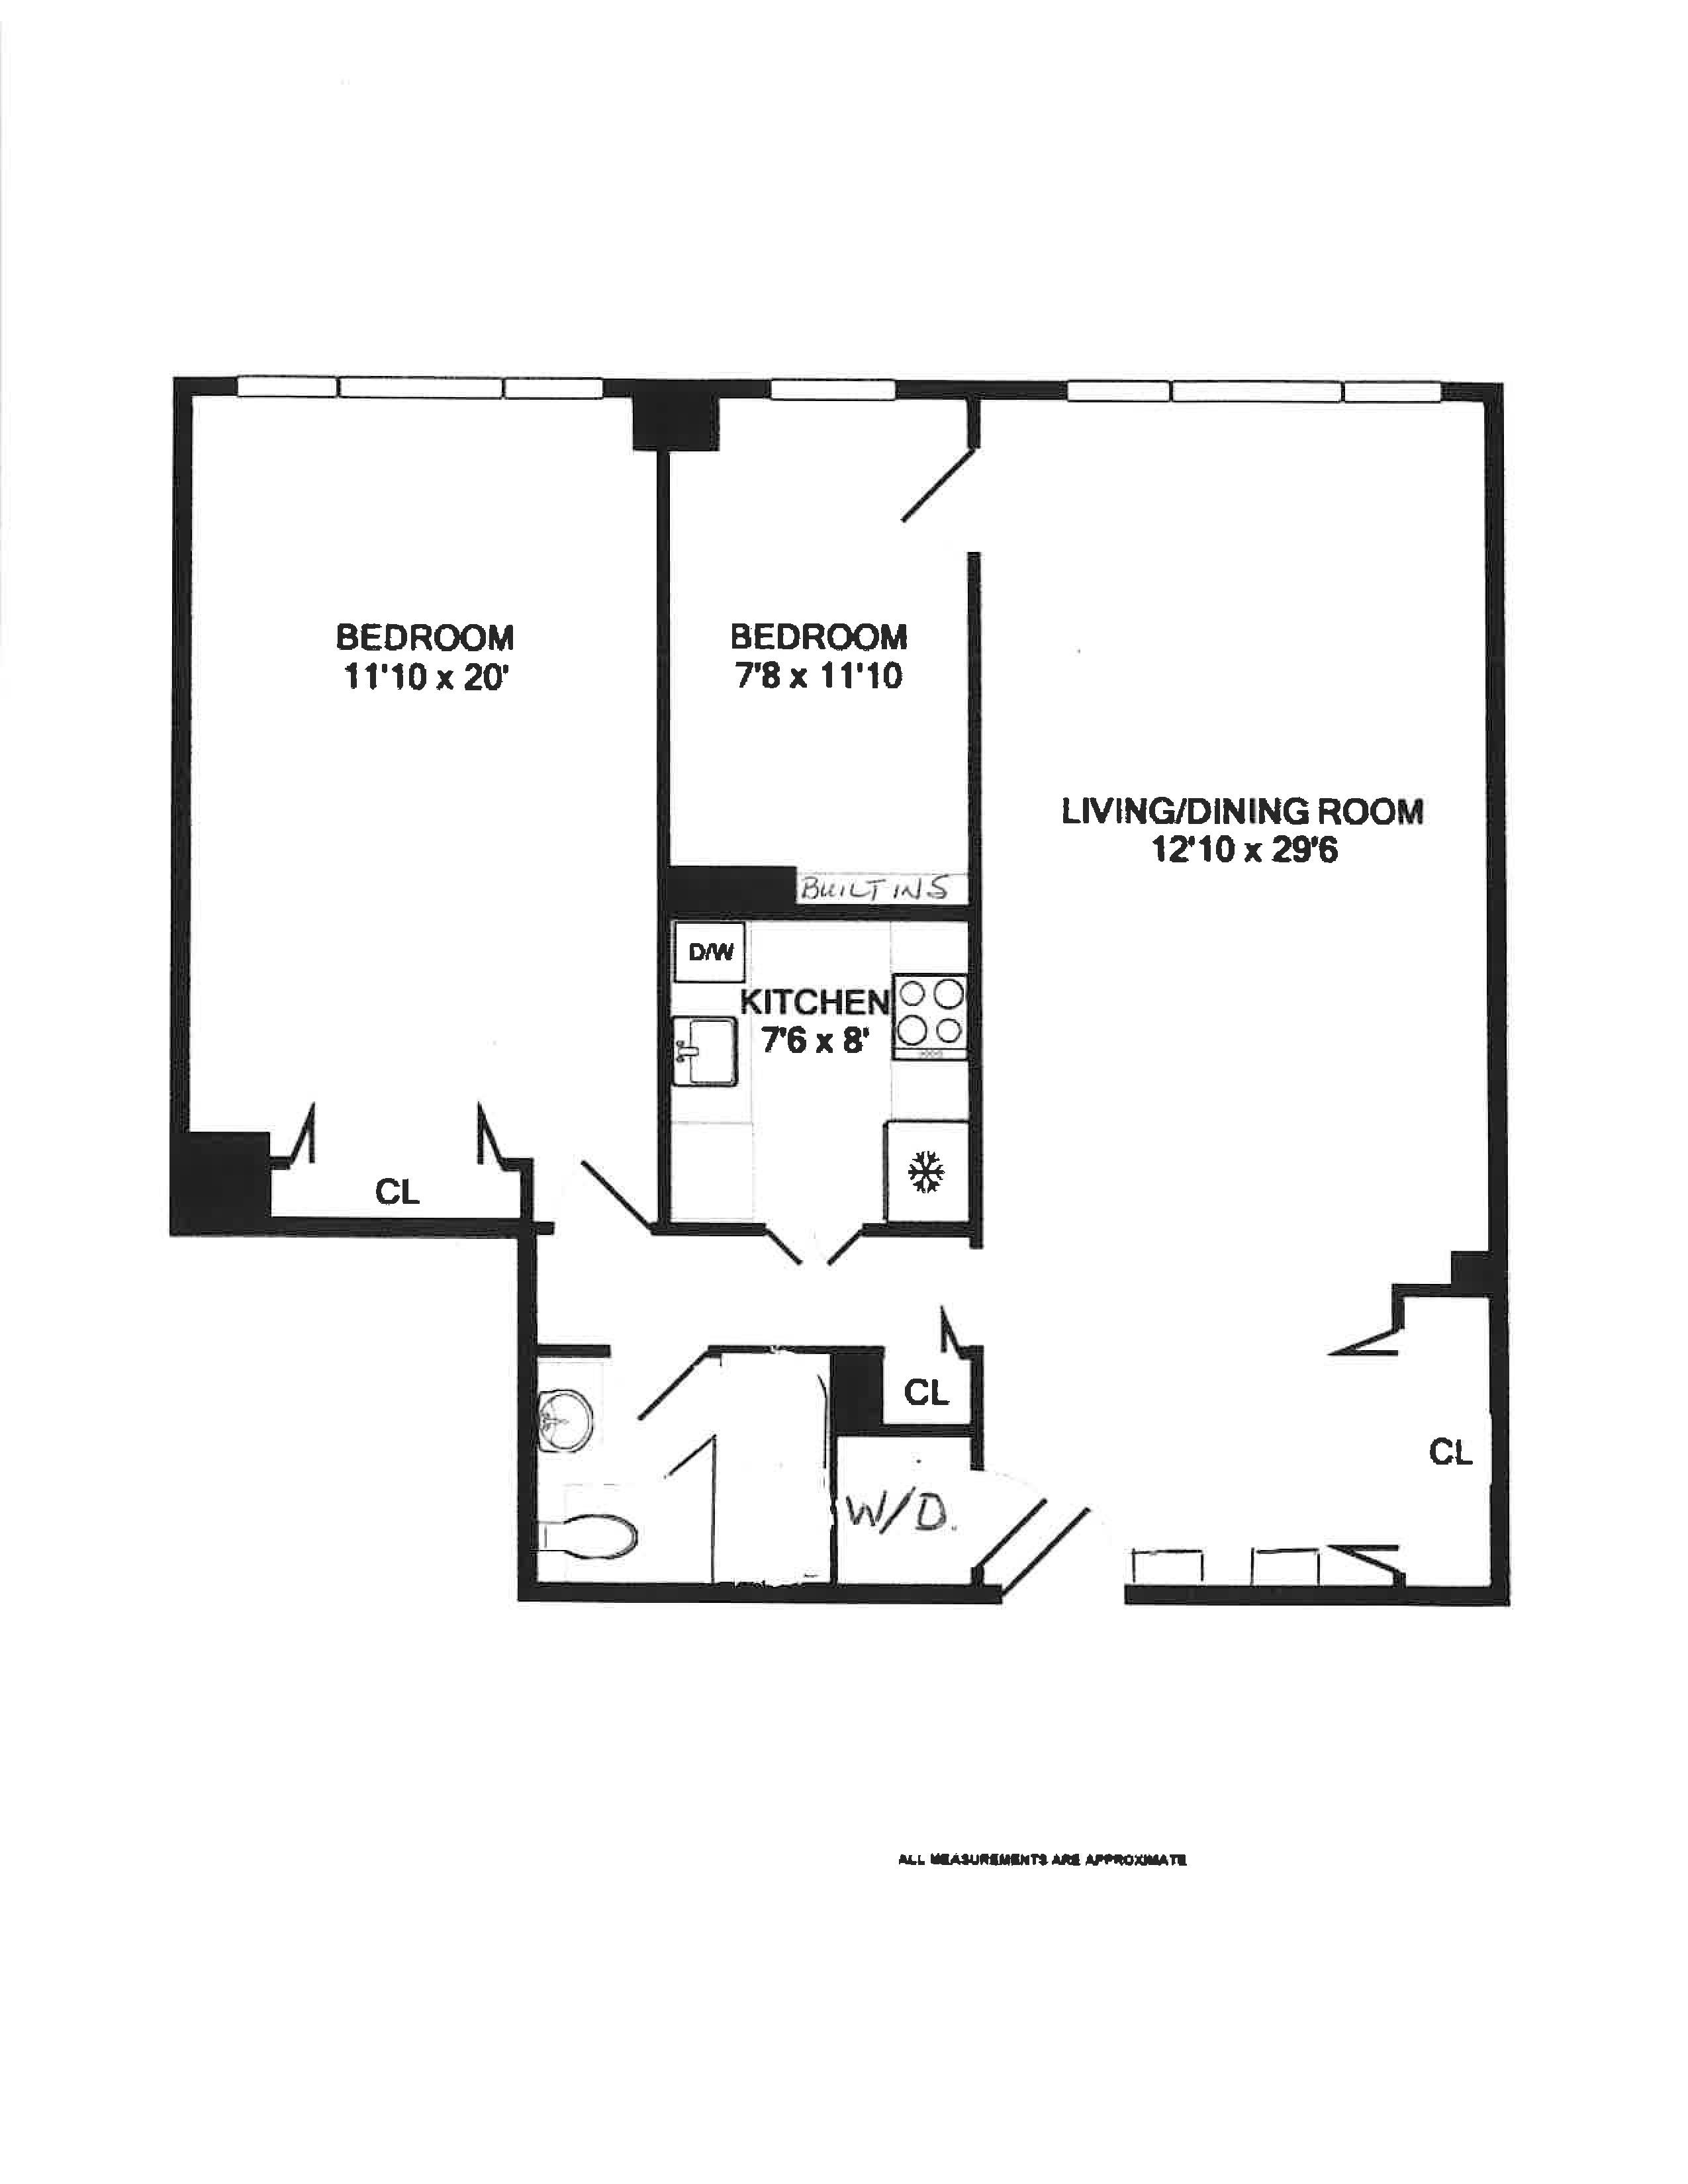 Q. Floorplan